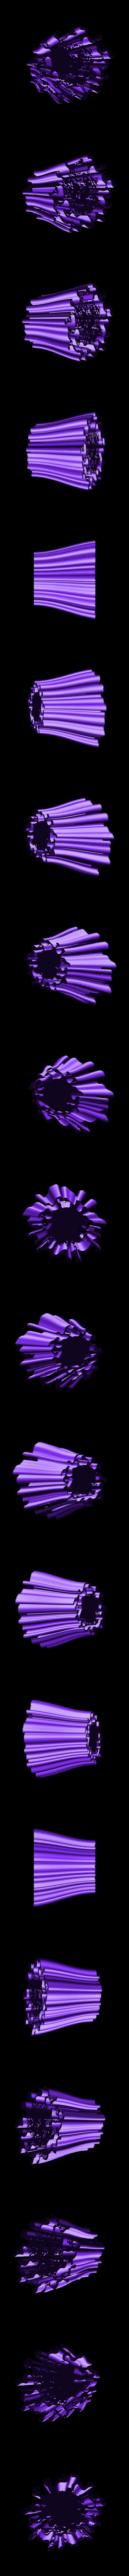 penholder-2.stl Download free STL file Wavy Penholders Collection (15 files) • 3D print design, ferjerez3d